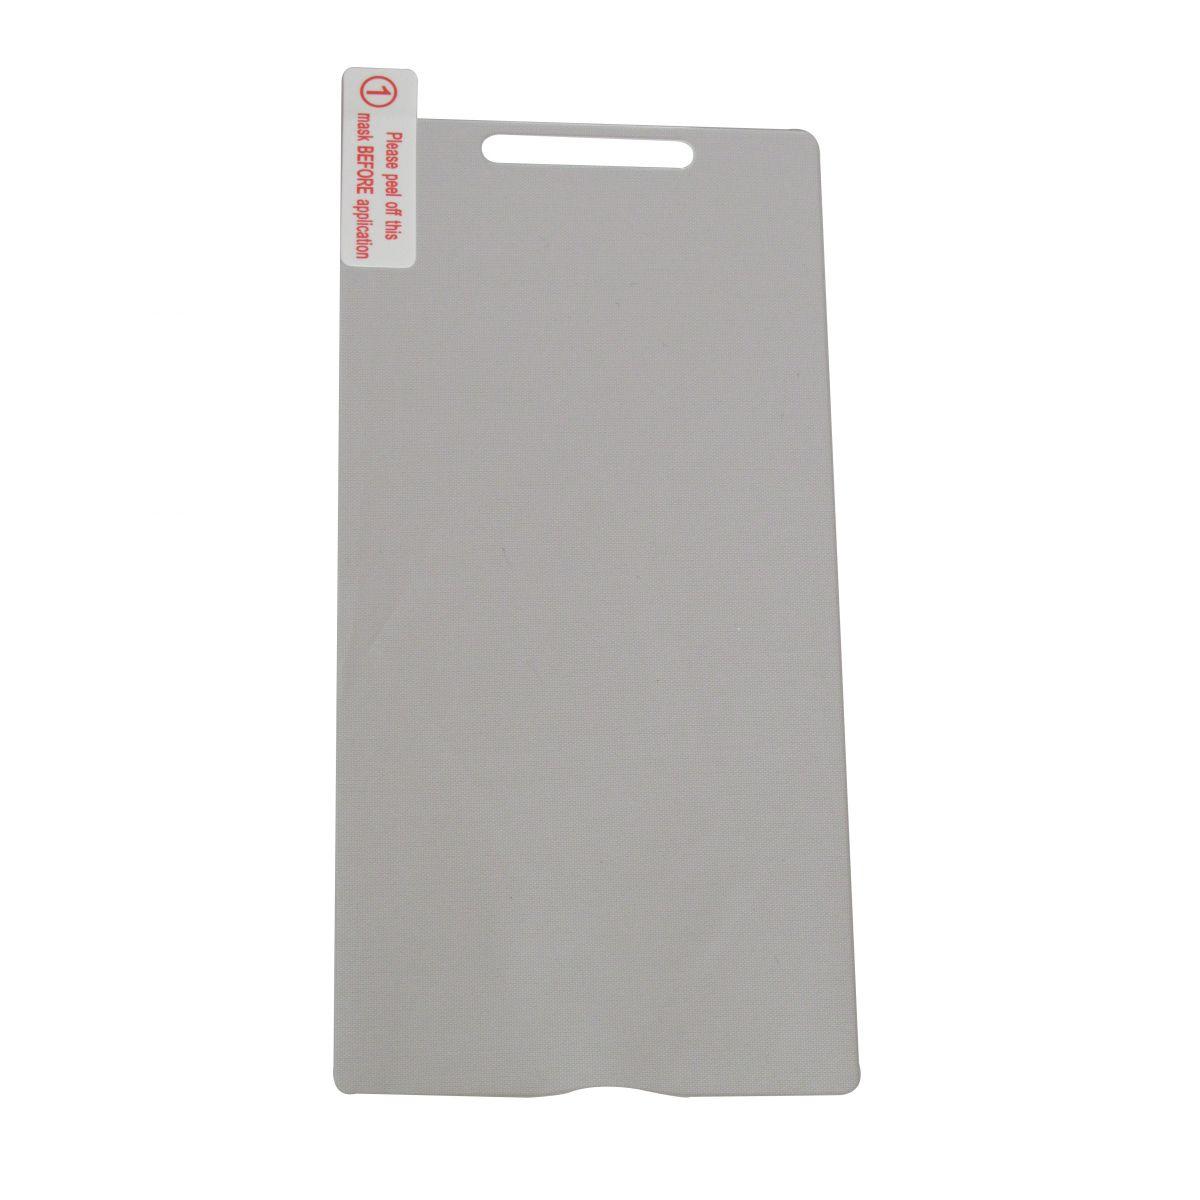 Pelicula De Vidro Temperado Sony Xperia M2 D2303 D2305 D2306